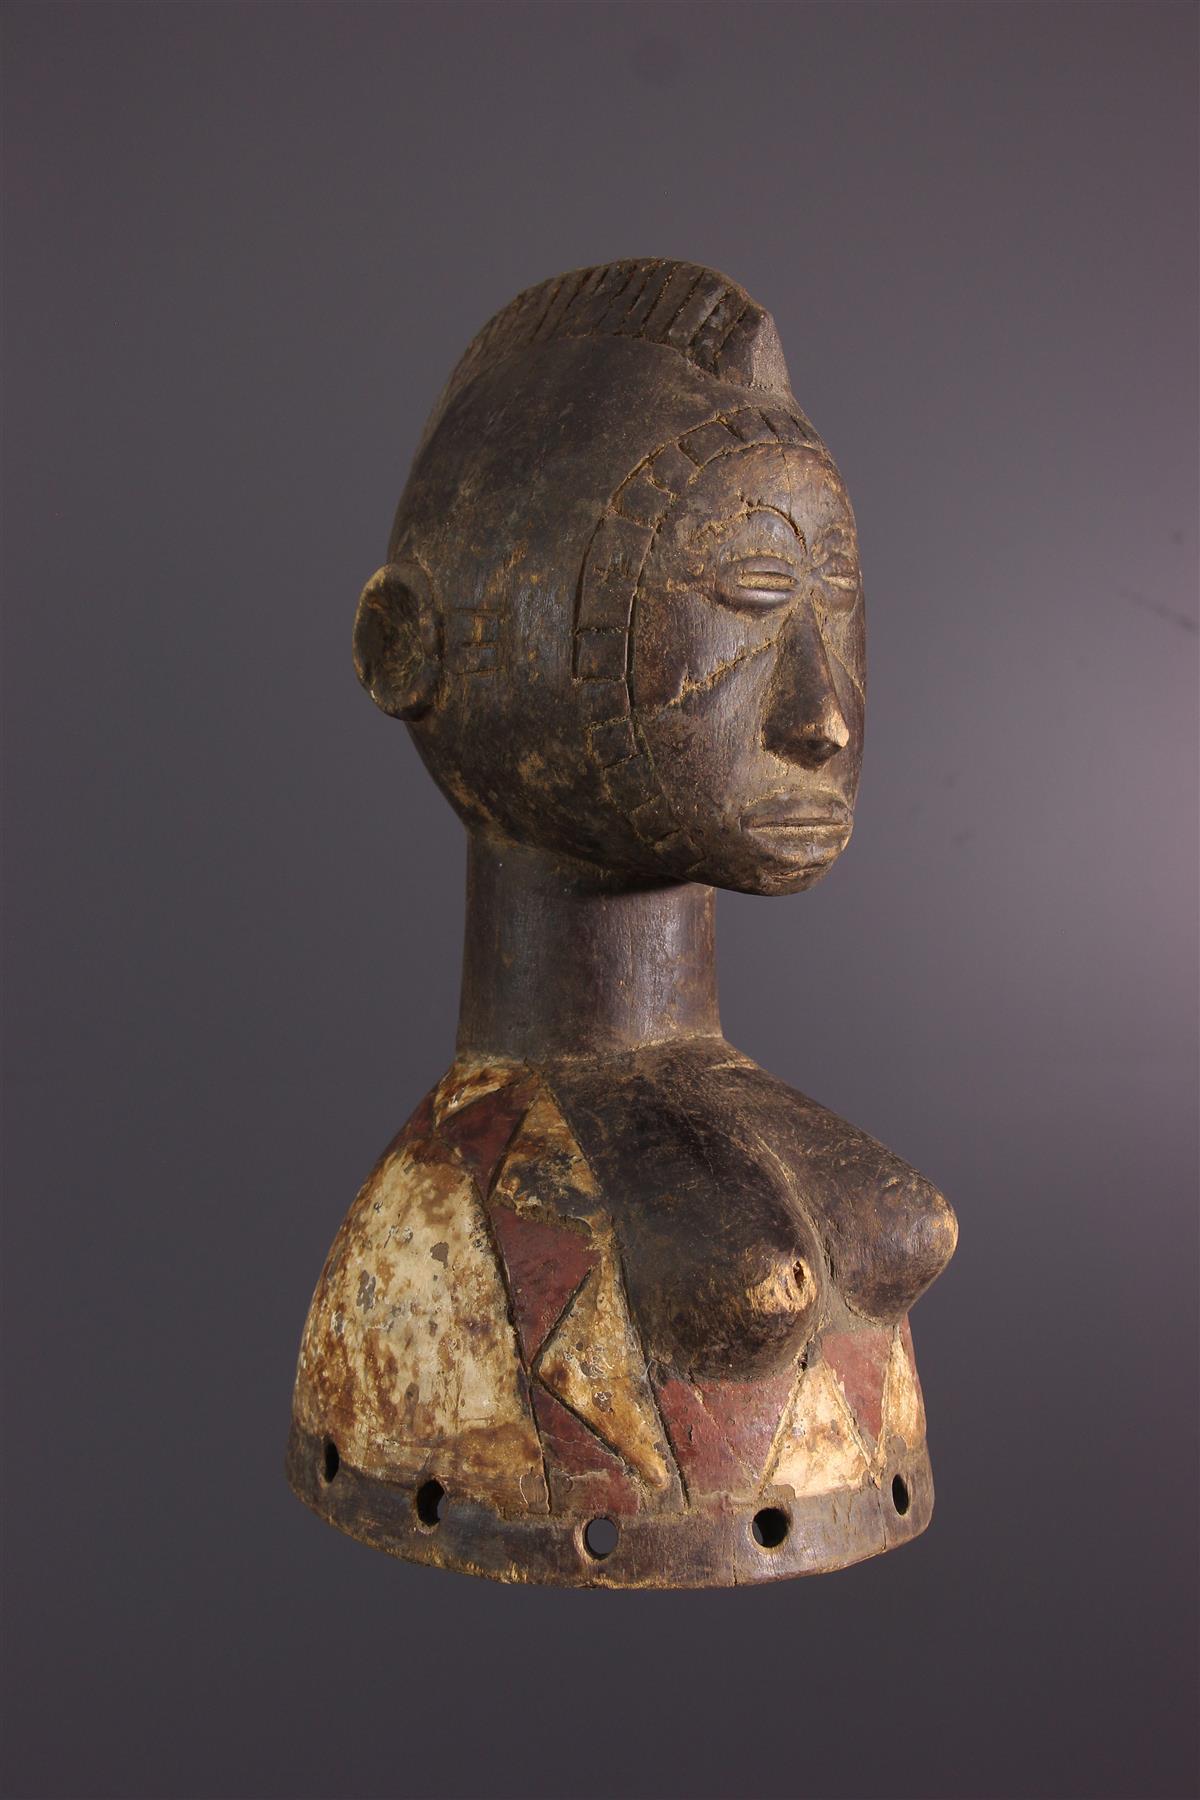 Mossi Mask - Tribal art